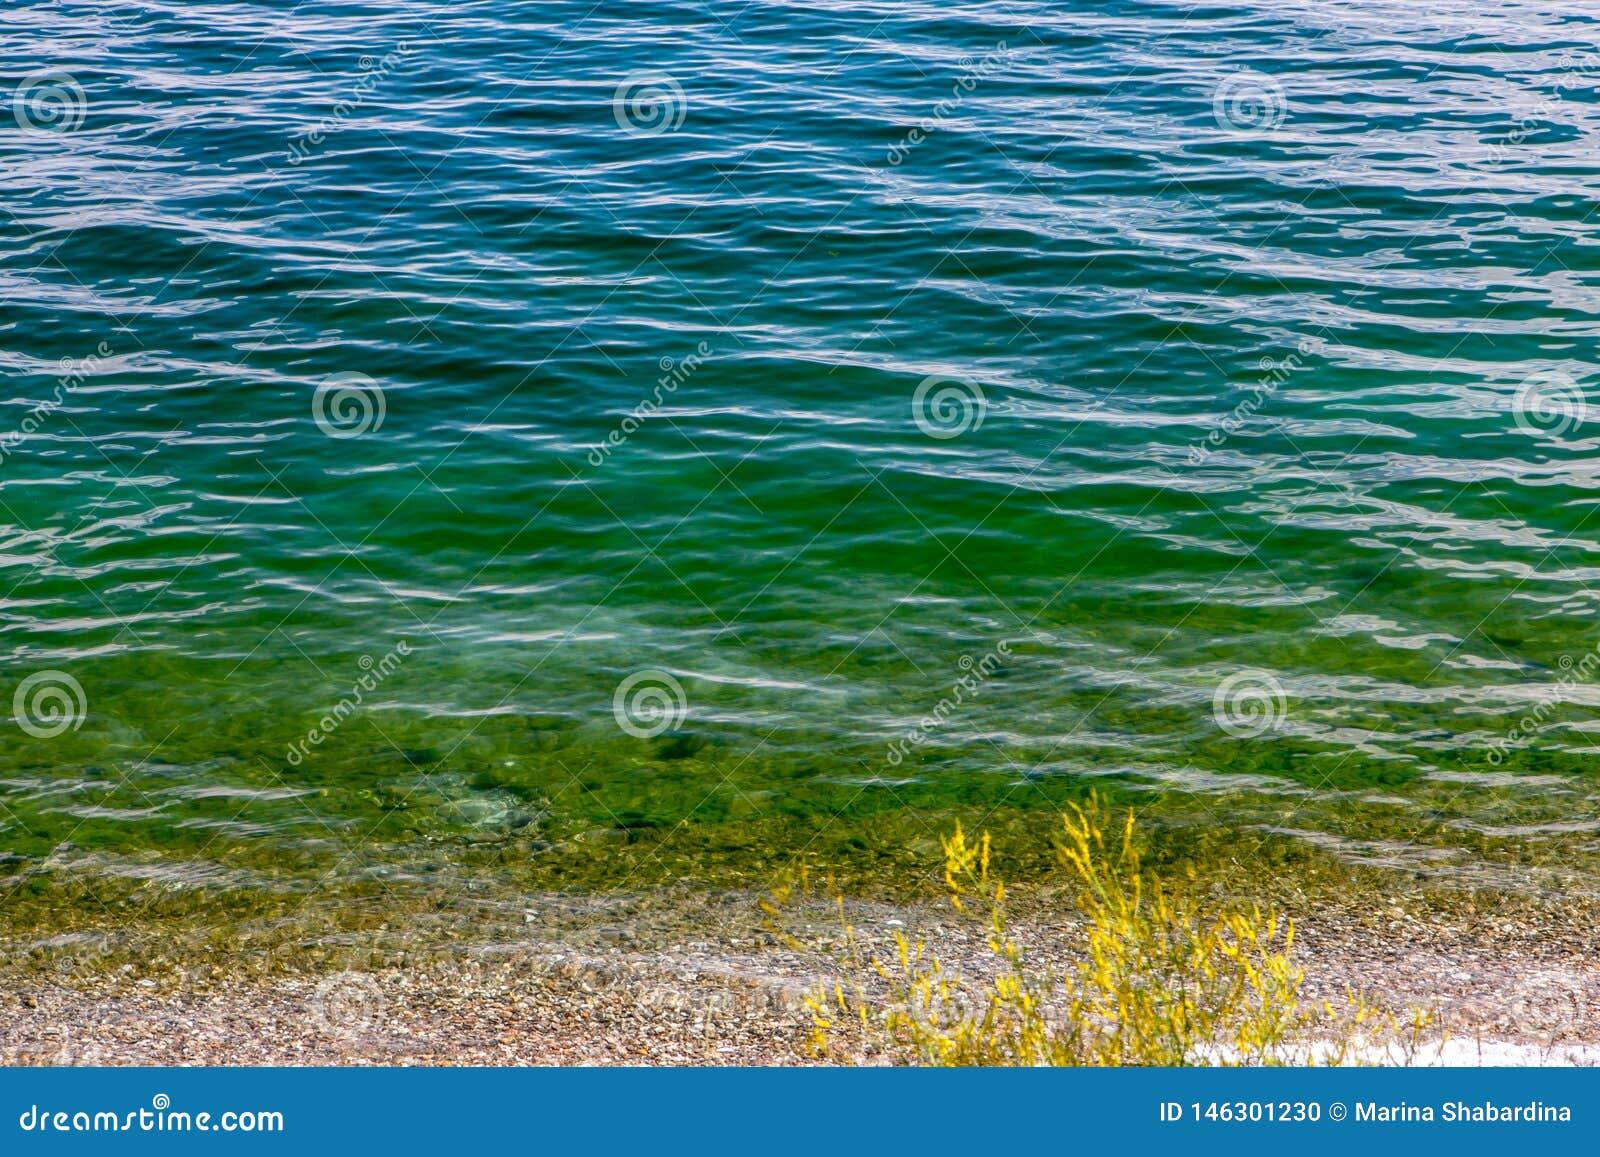 Czysta falista zielonawoniebieska Baikal woda z żółtą rośliną na brzeg